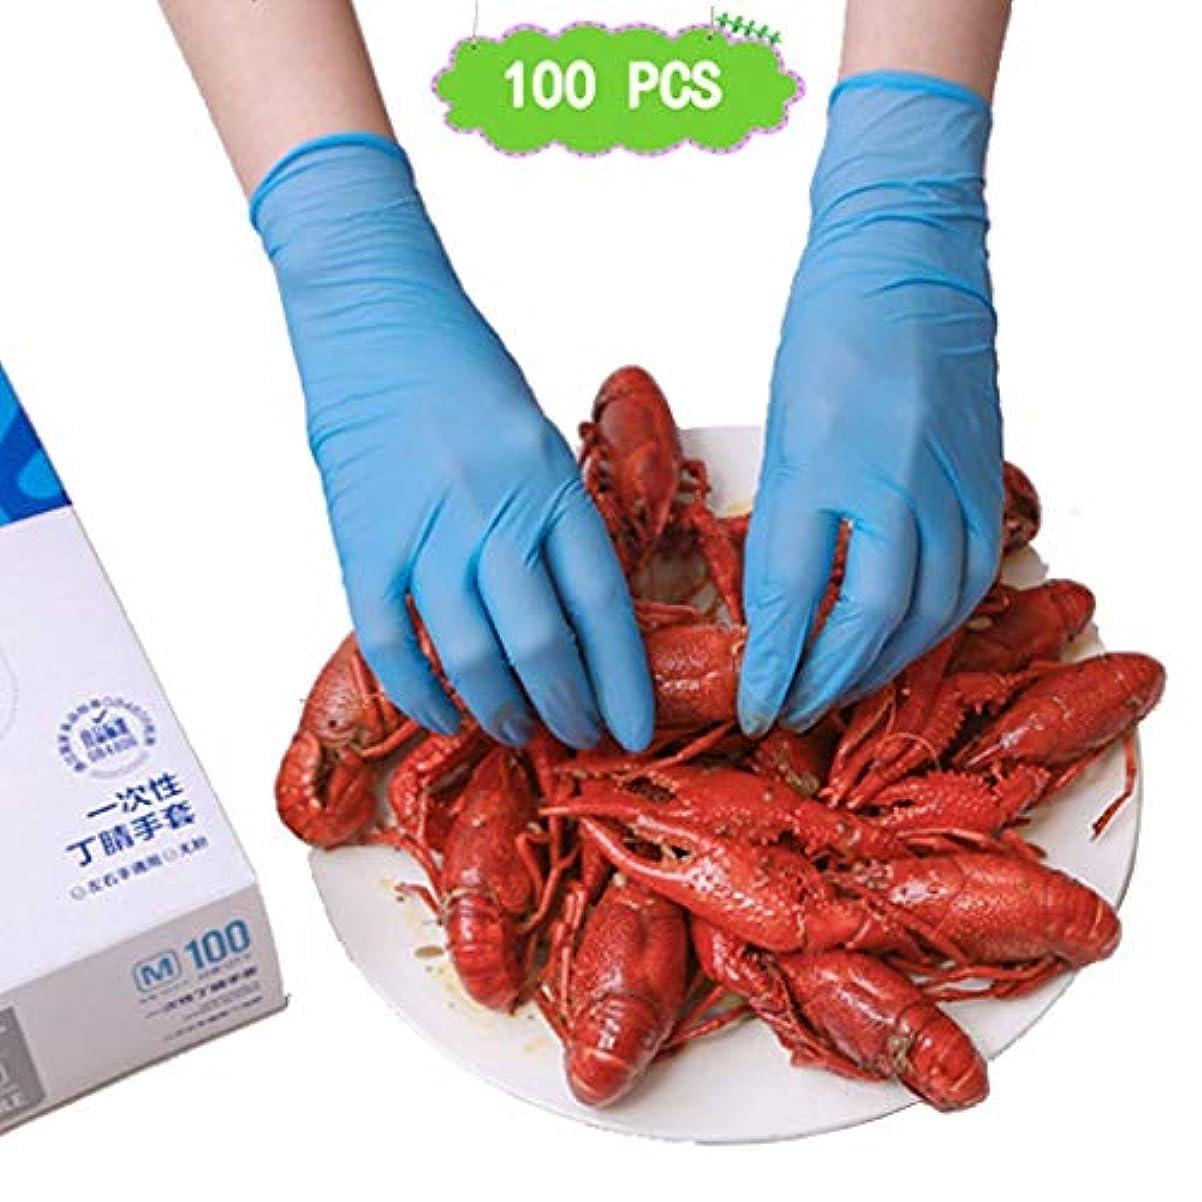 国セミナー国勢調査ニトリル手袋、滑り止め使い捨て手袋ペットケアブルーフィンガーヘンプキッチンクリーニングエビビューティーサロンラテックスフリー、ダークブルーパウダーフリー、100個 (Size : S)